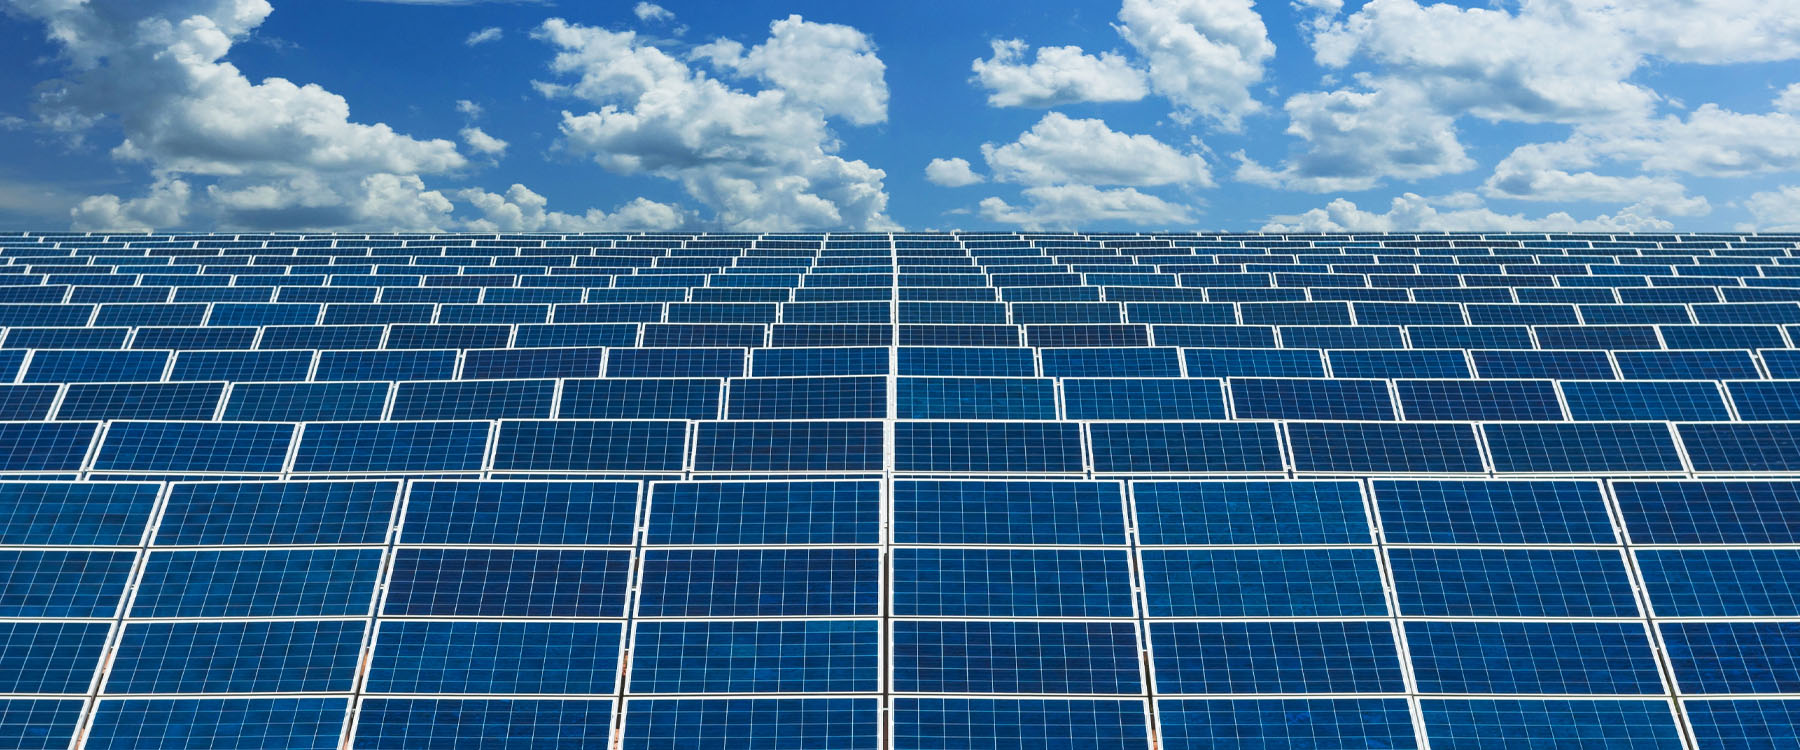 solar-farm-blue-sky